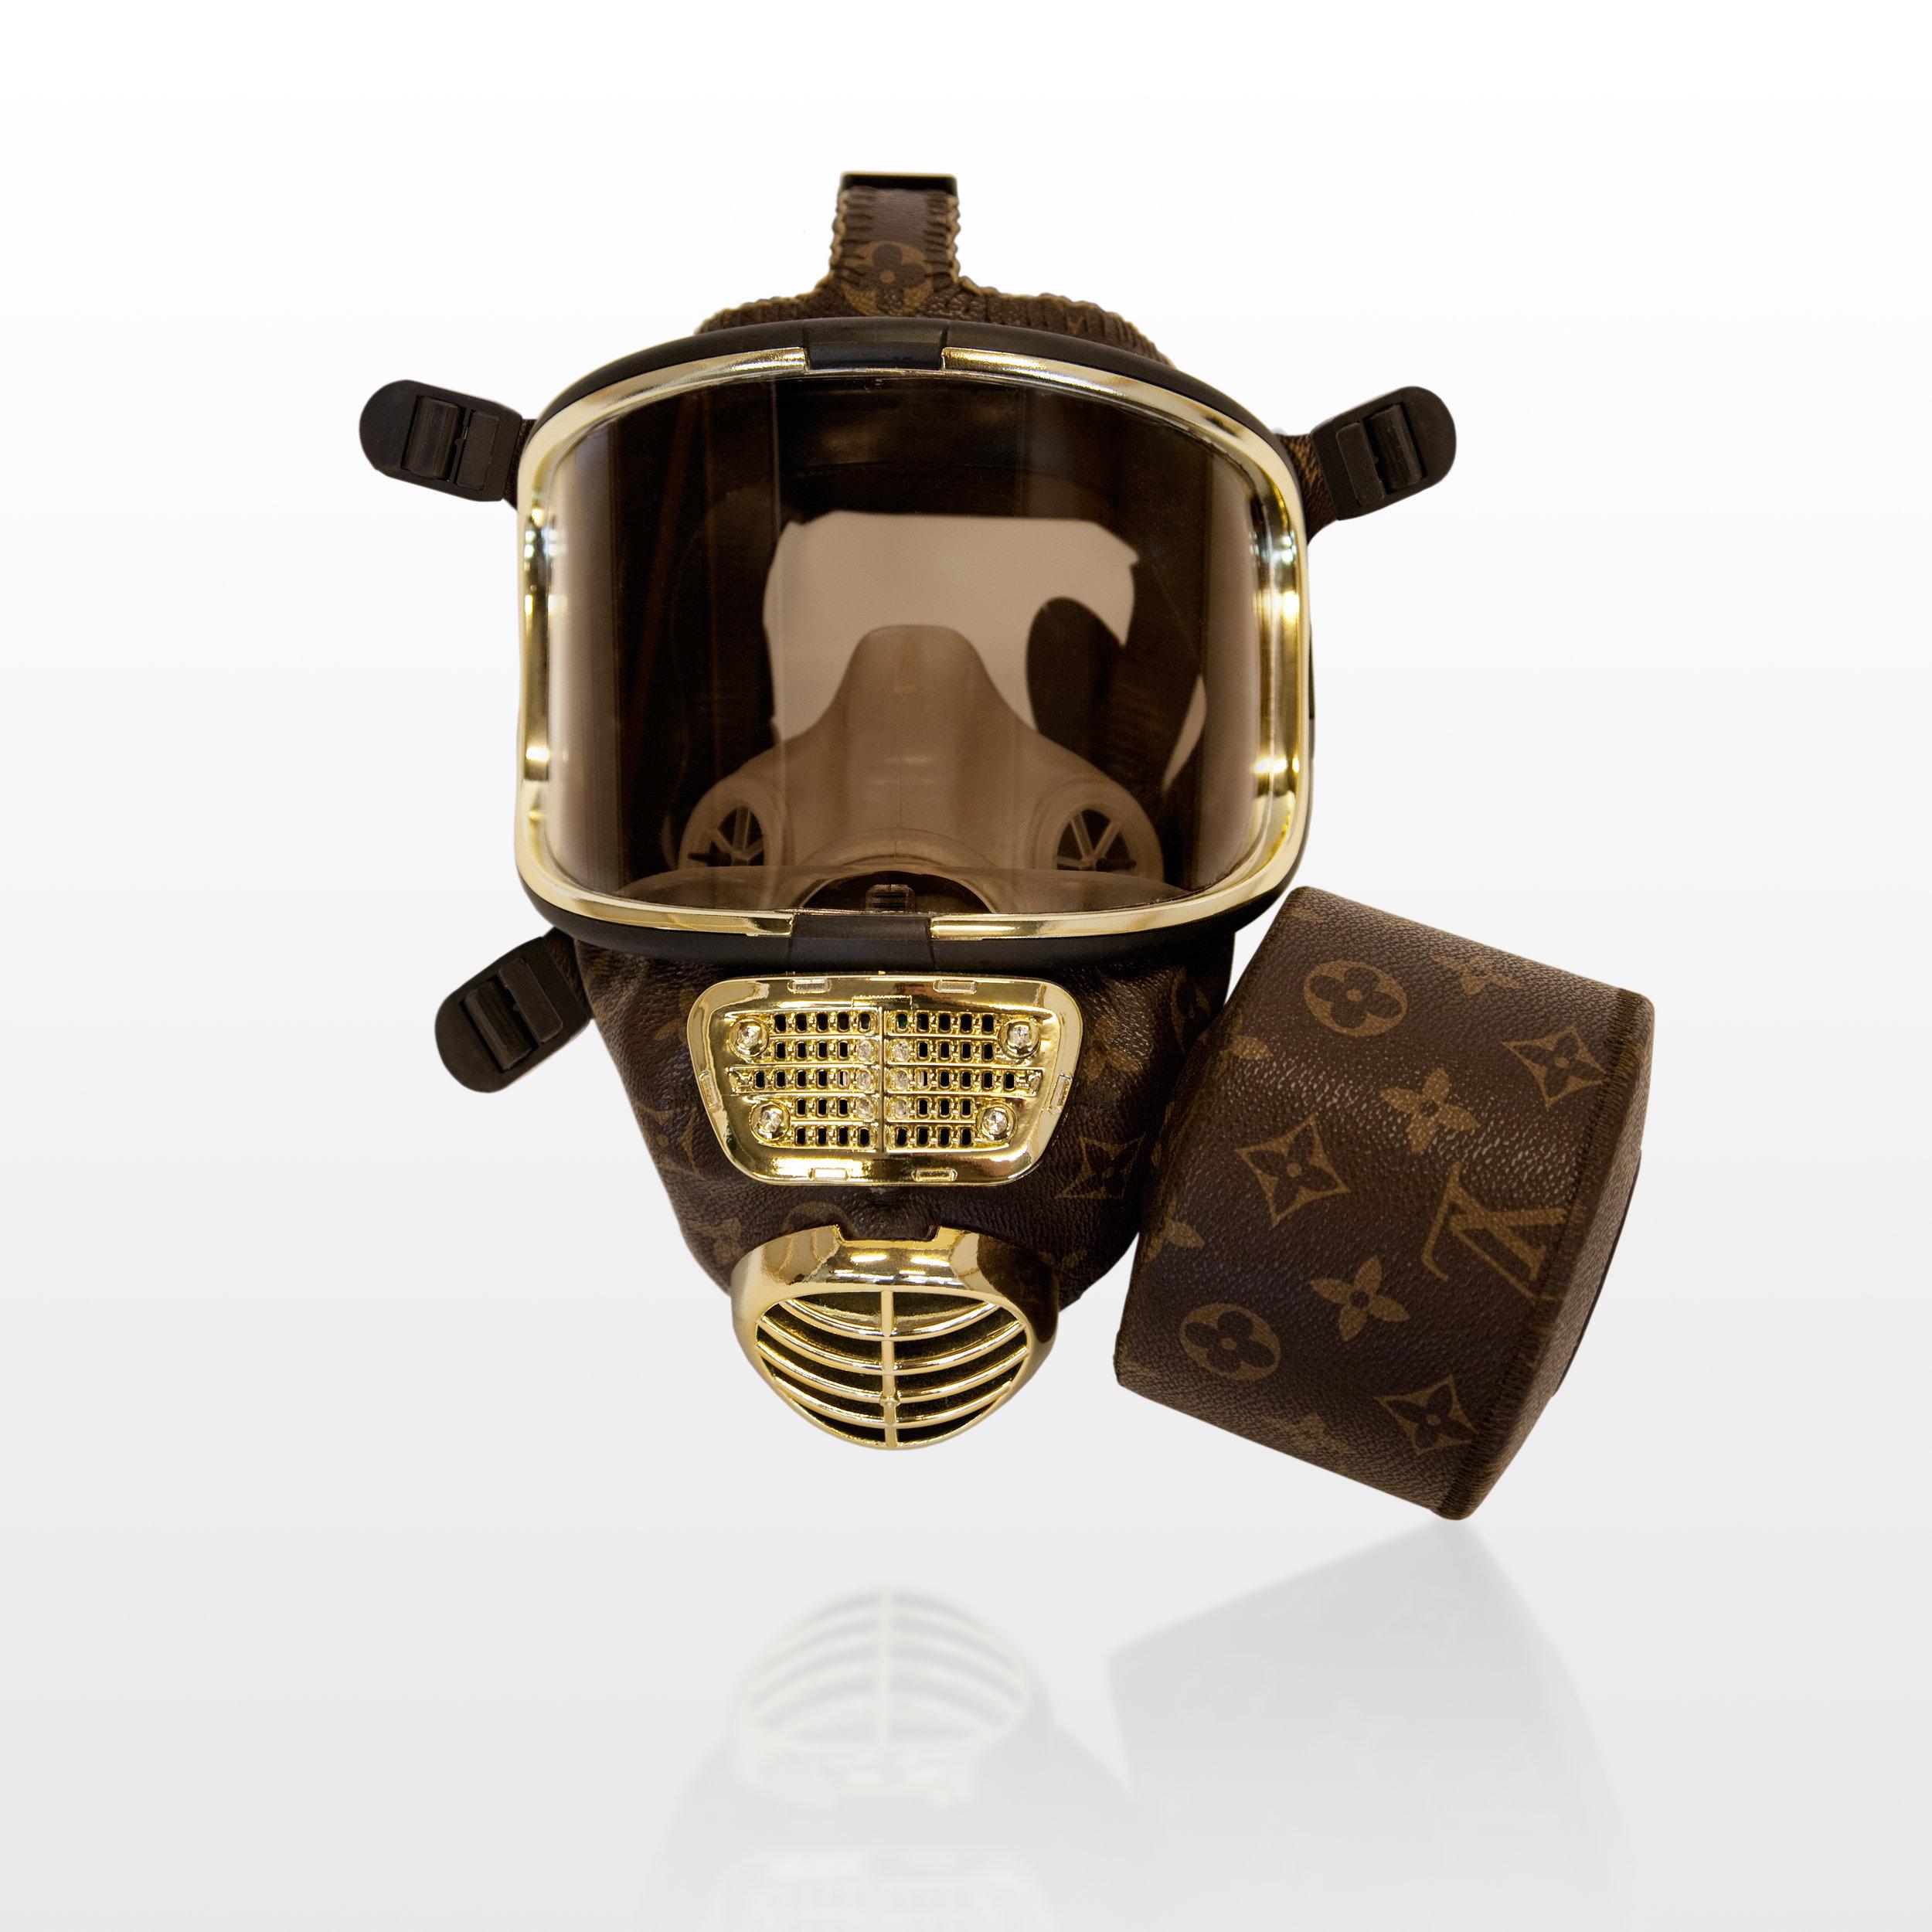 Designer gas mask by Diddo